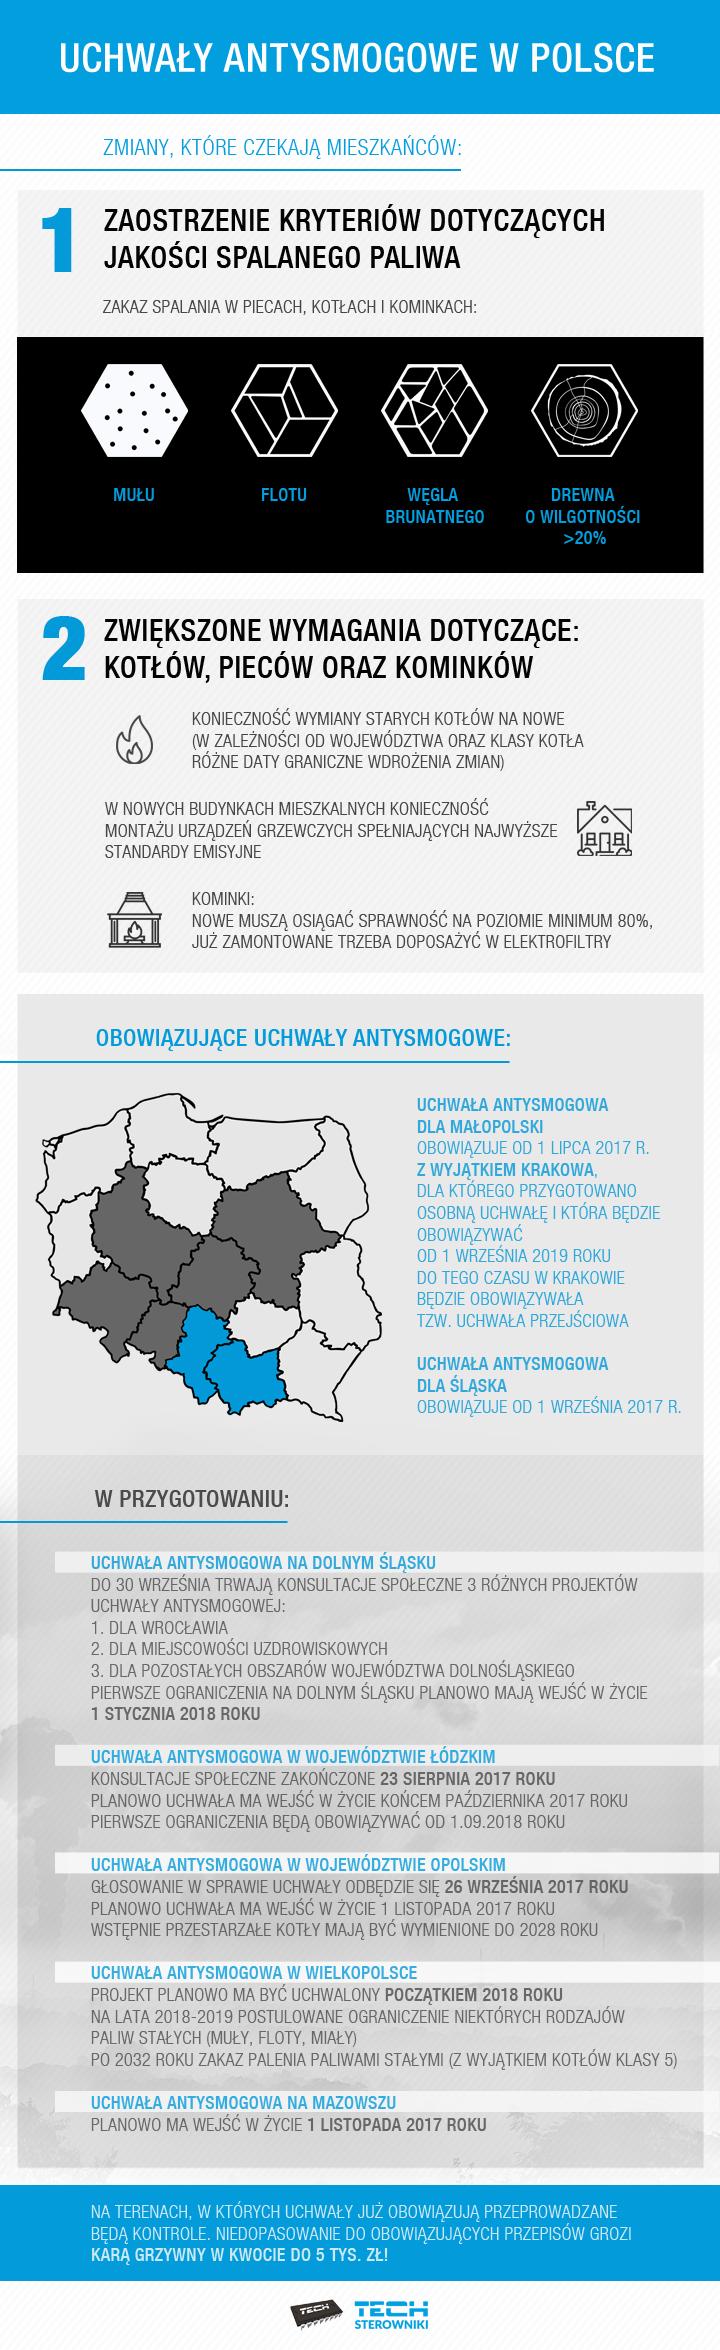 Przegląd uchwał antysmogowych w Polsce, czyli gdzie nie można już palić węglem